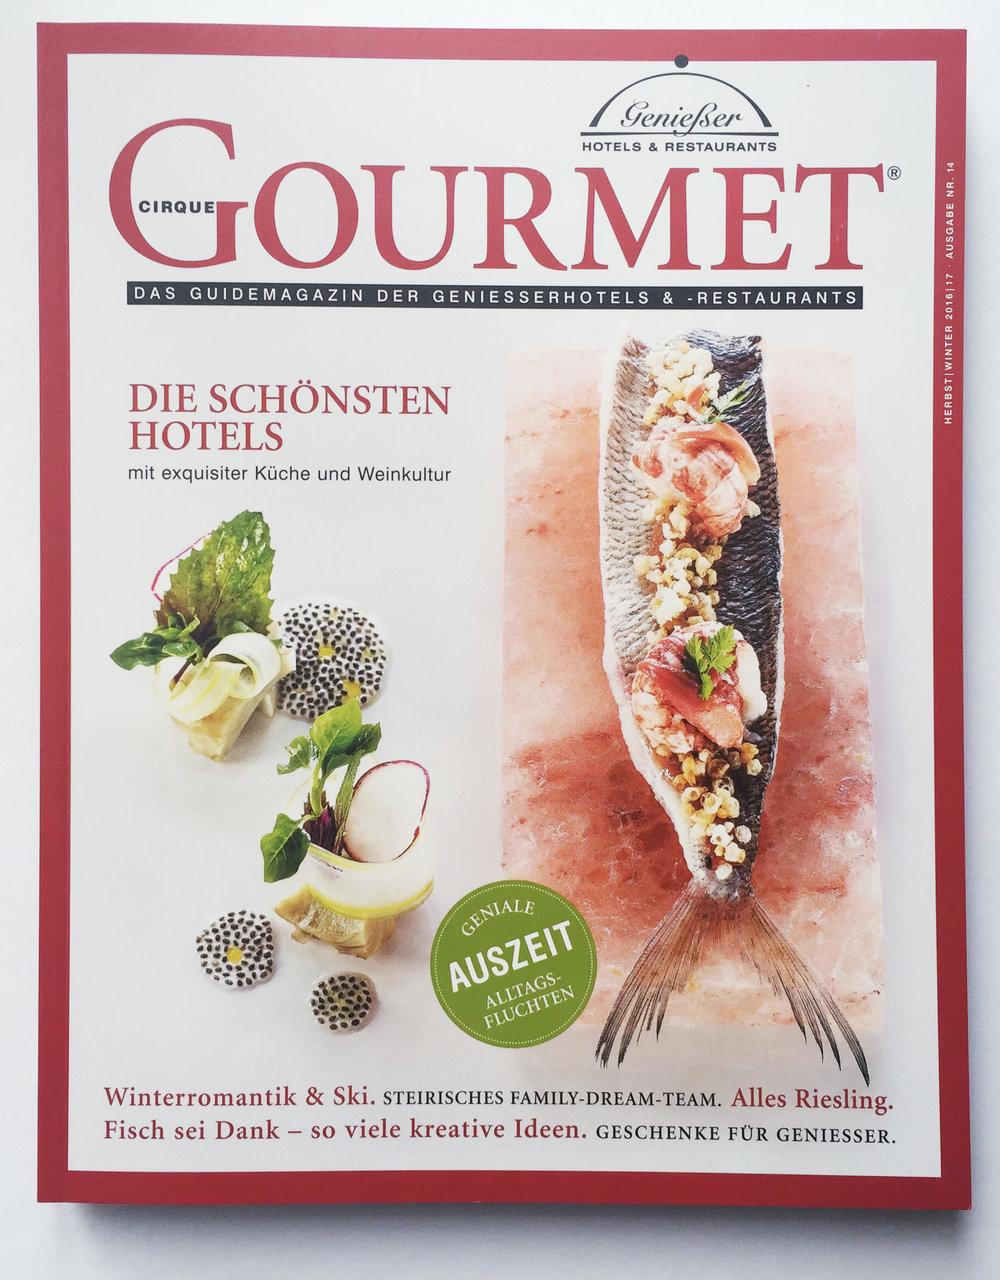 Cirque Gourmet Cover 2016/17